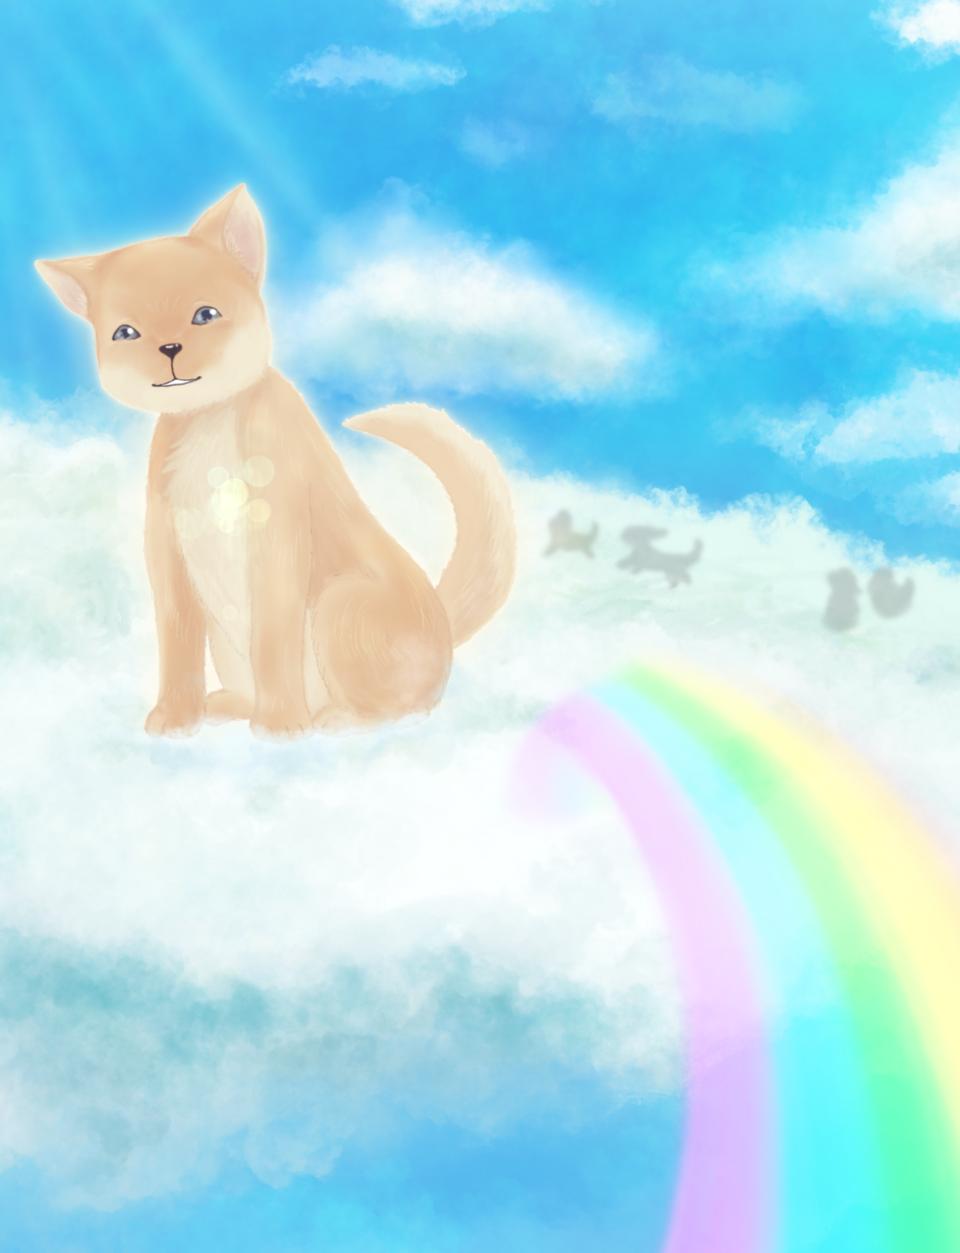 虹の橋 Illust of chiwo dog clouds rainbow sky 旅立ち